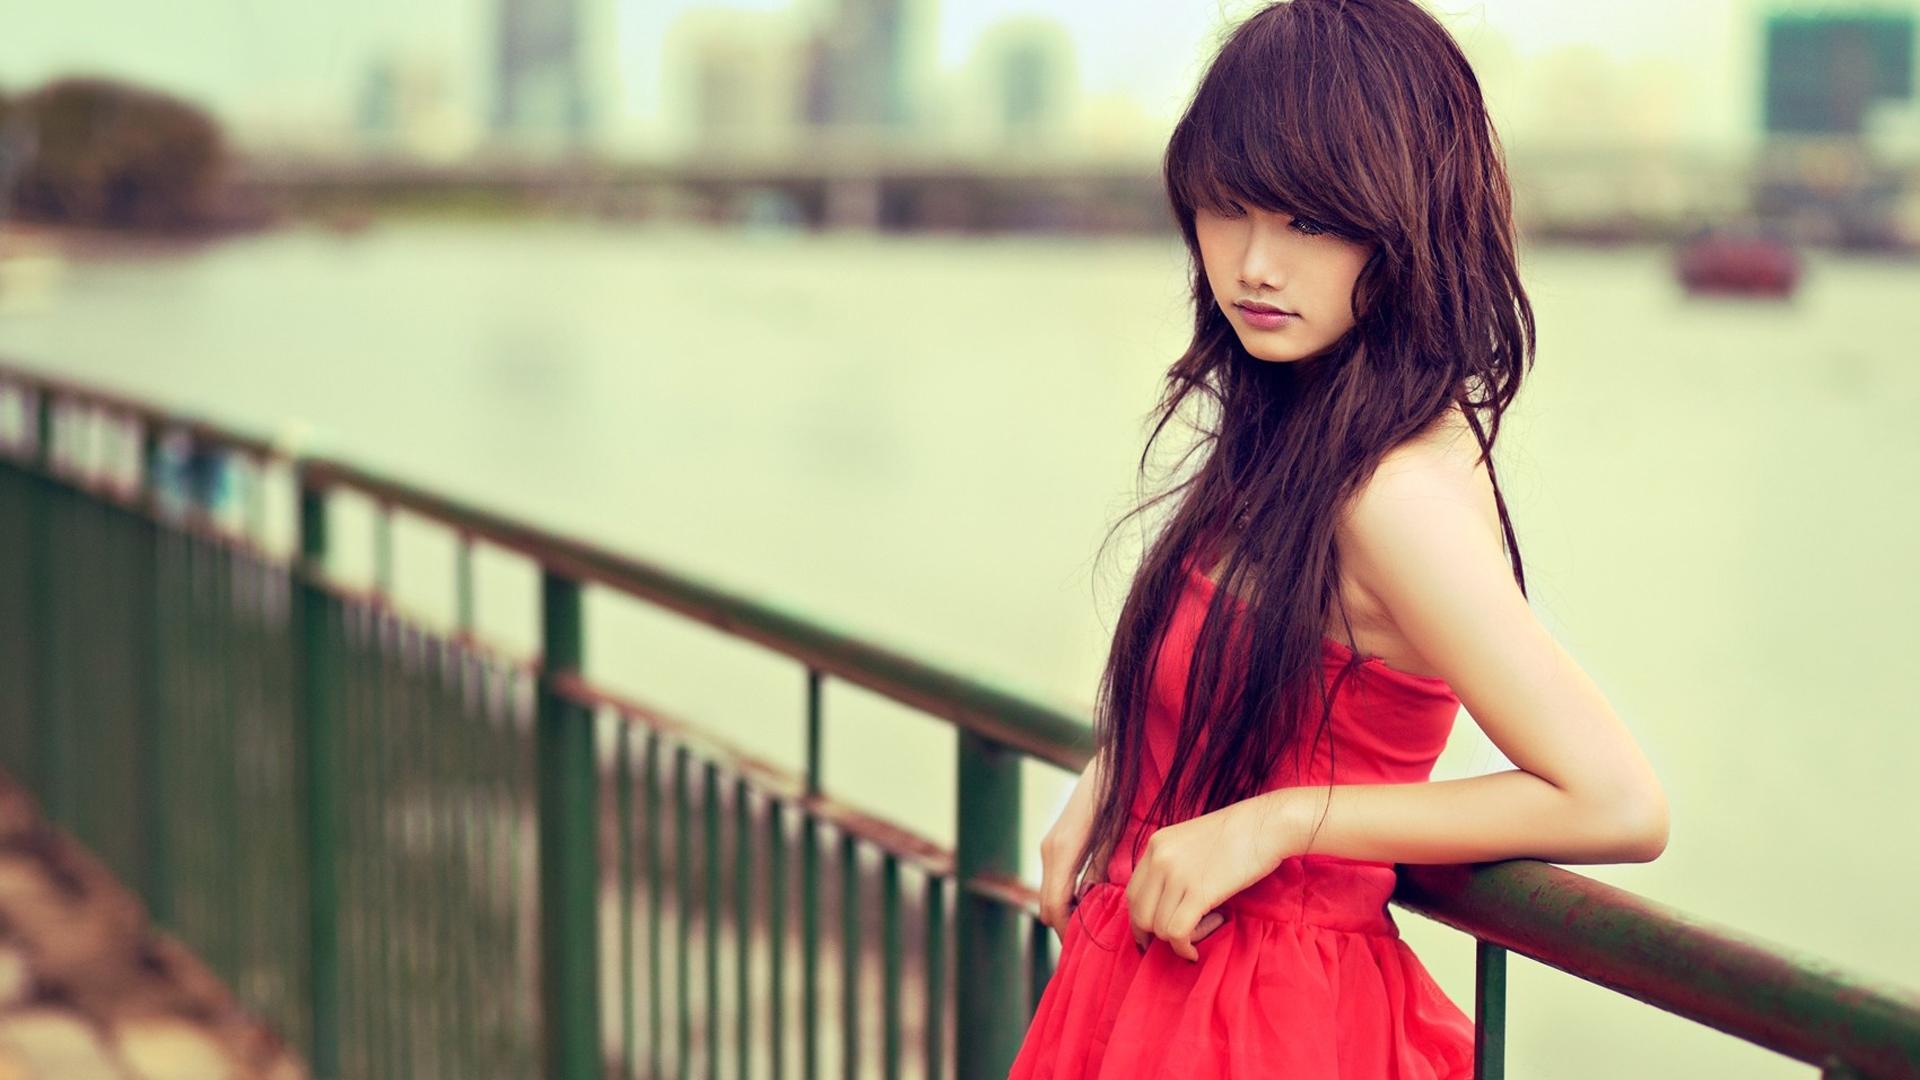 Donne - Oriental  Sfondi